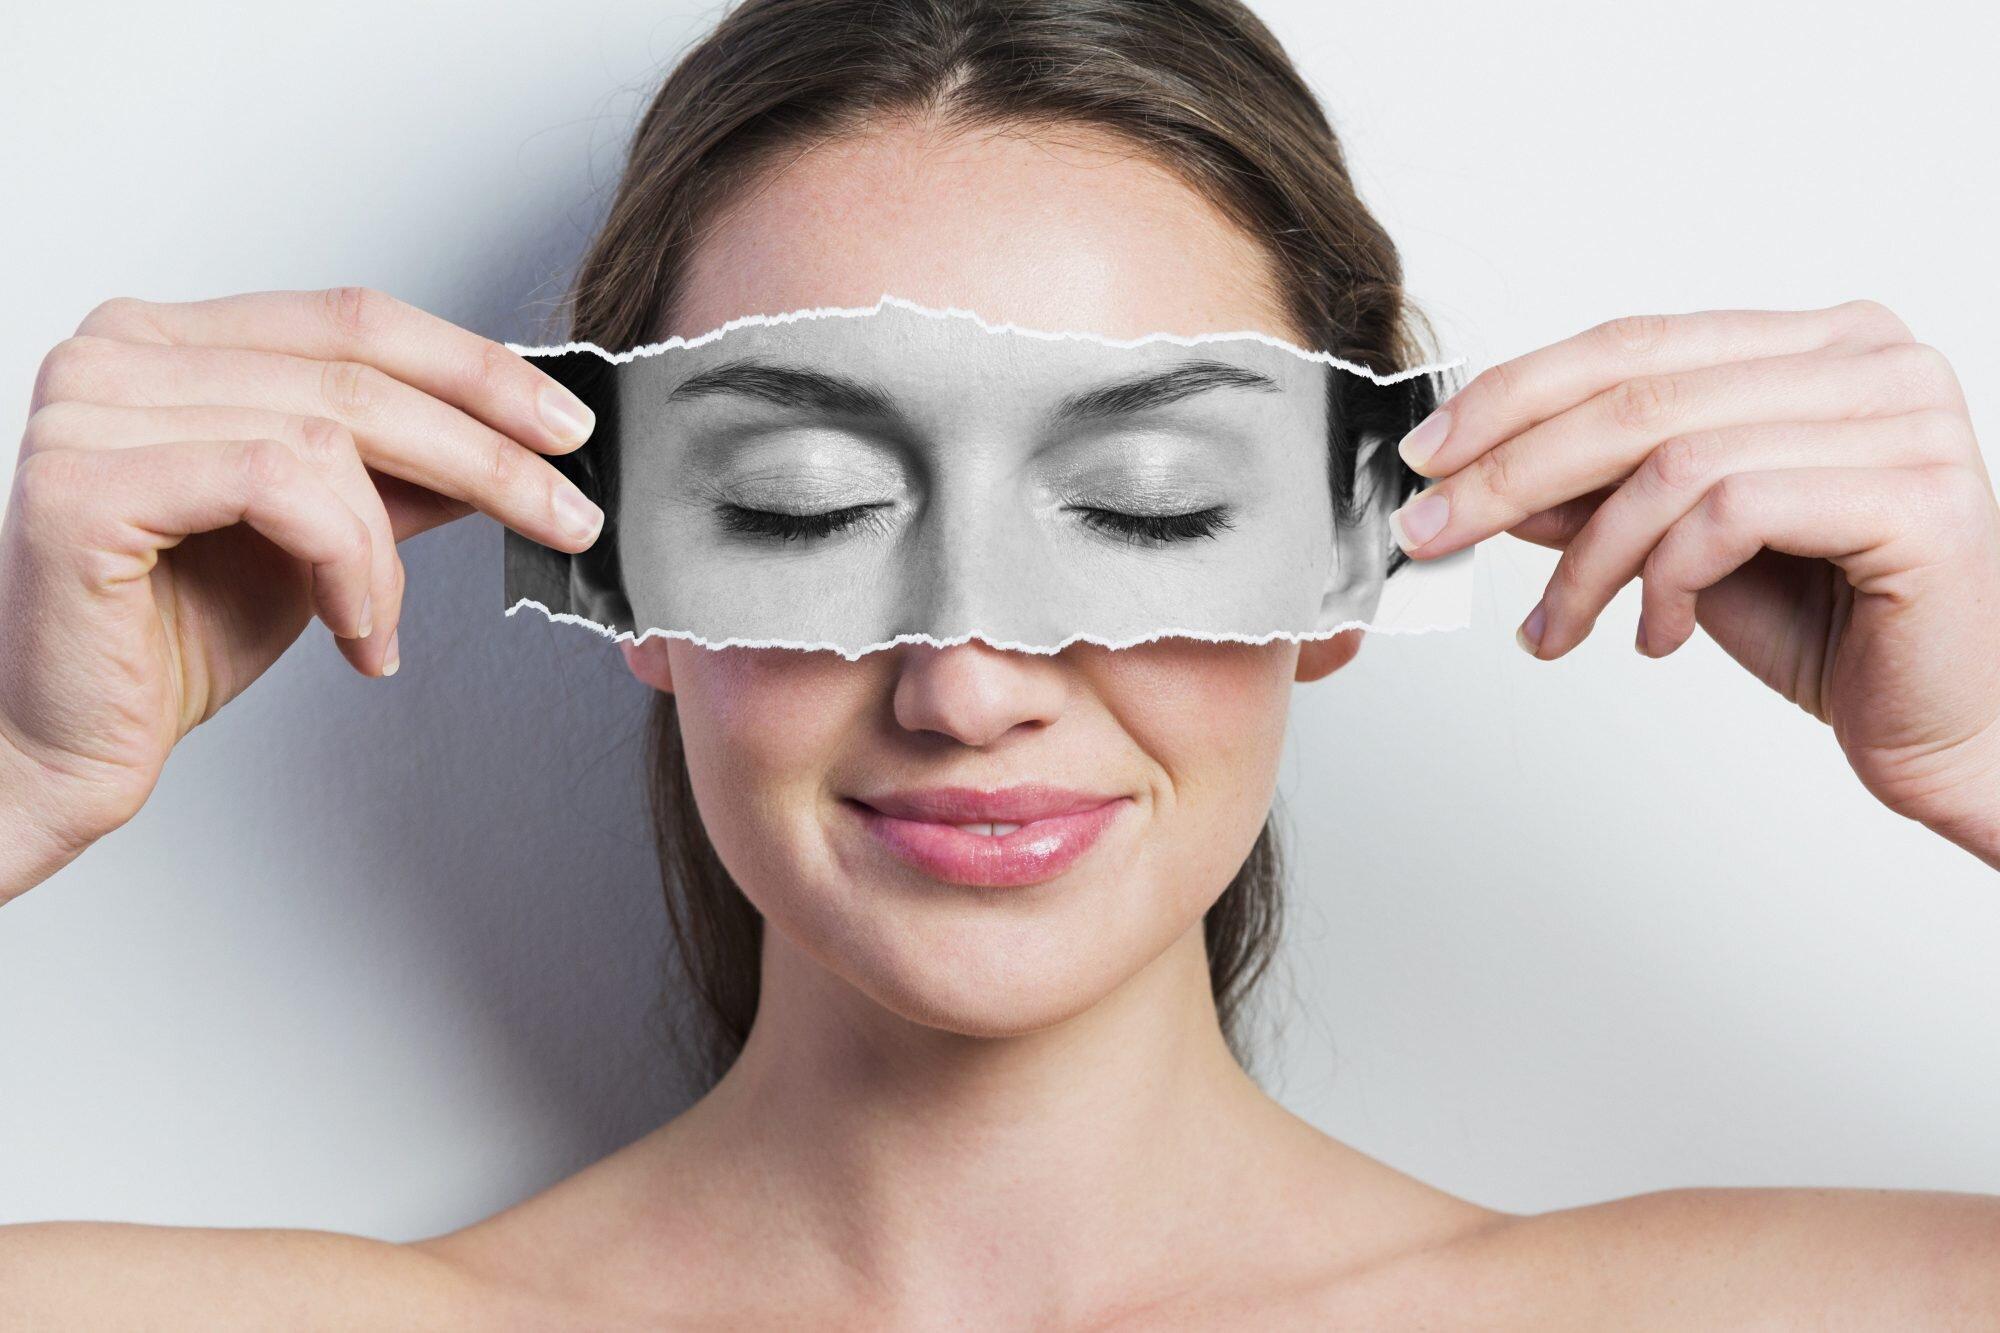 Brennende-Augen-haben-M-gliche-Ursachen-und-n-tzliche-Tipps